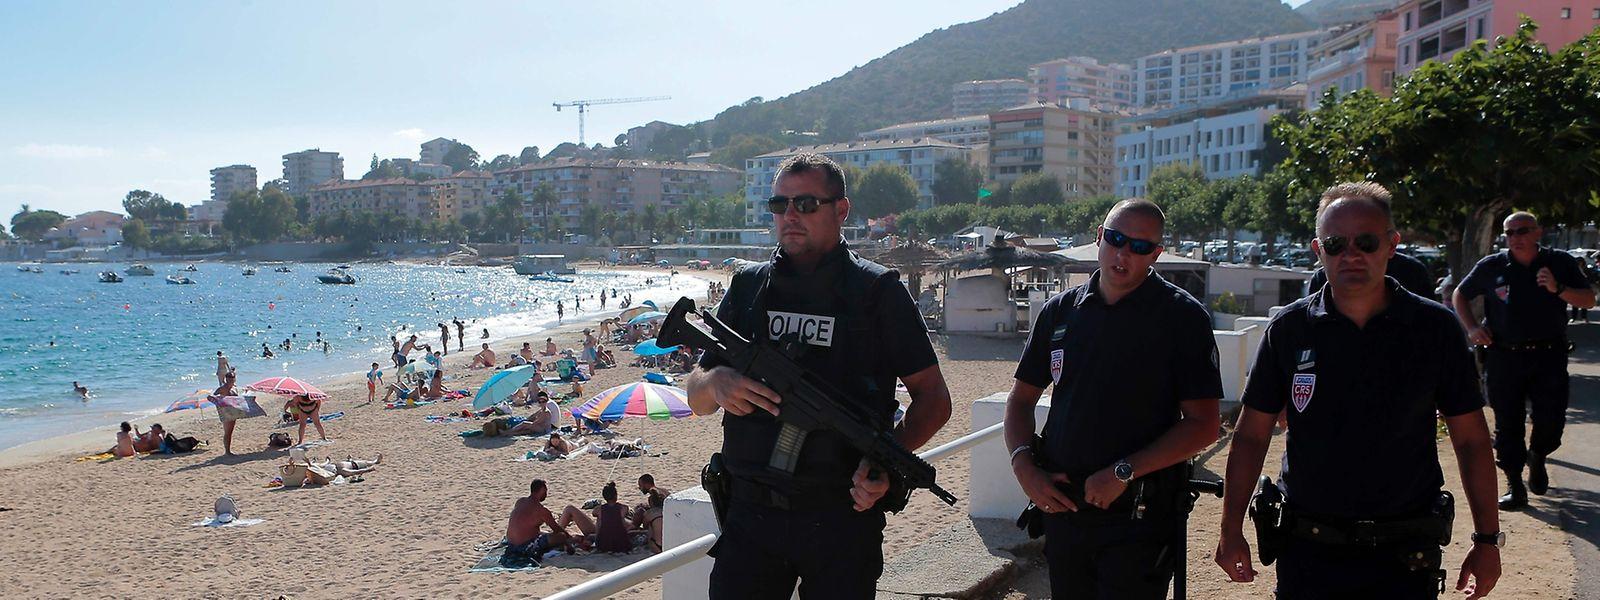 Die französische Regierung tut alles, damit Bevölkerung und Touristen sich sicher fühlen.